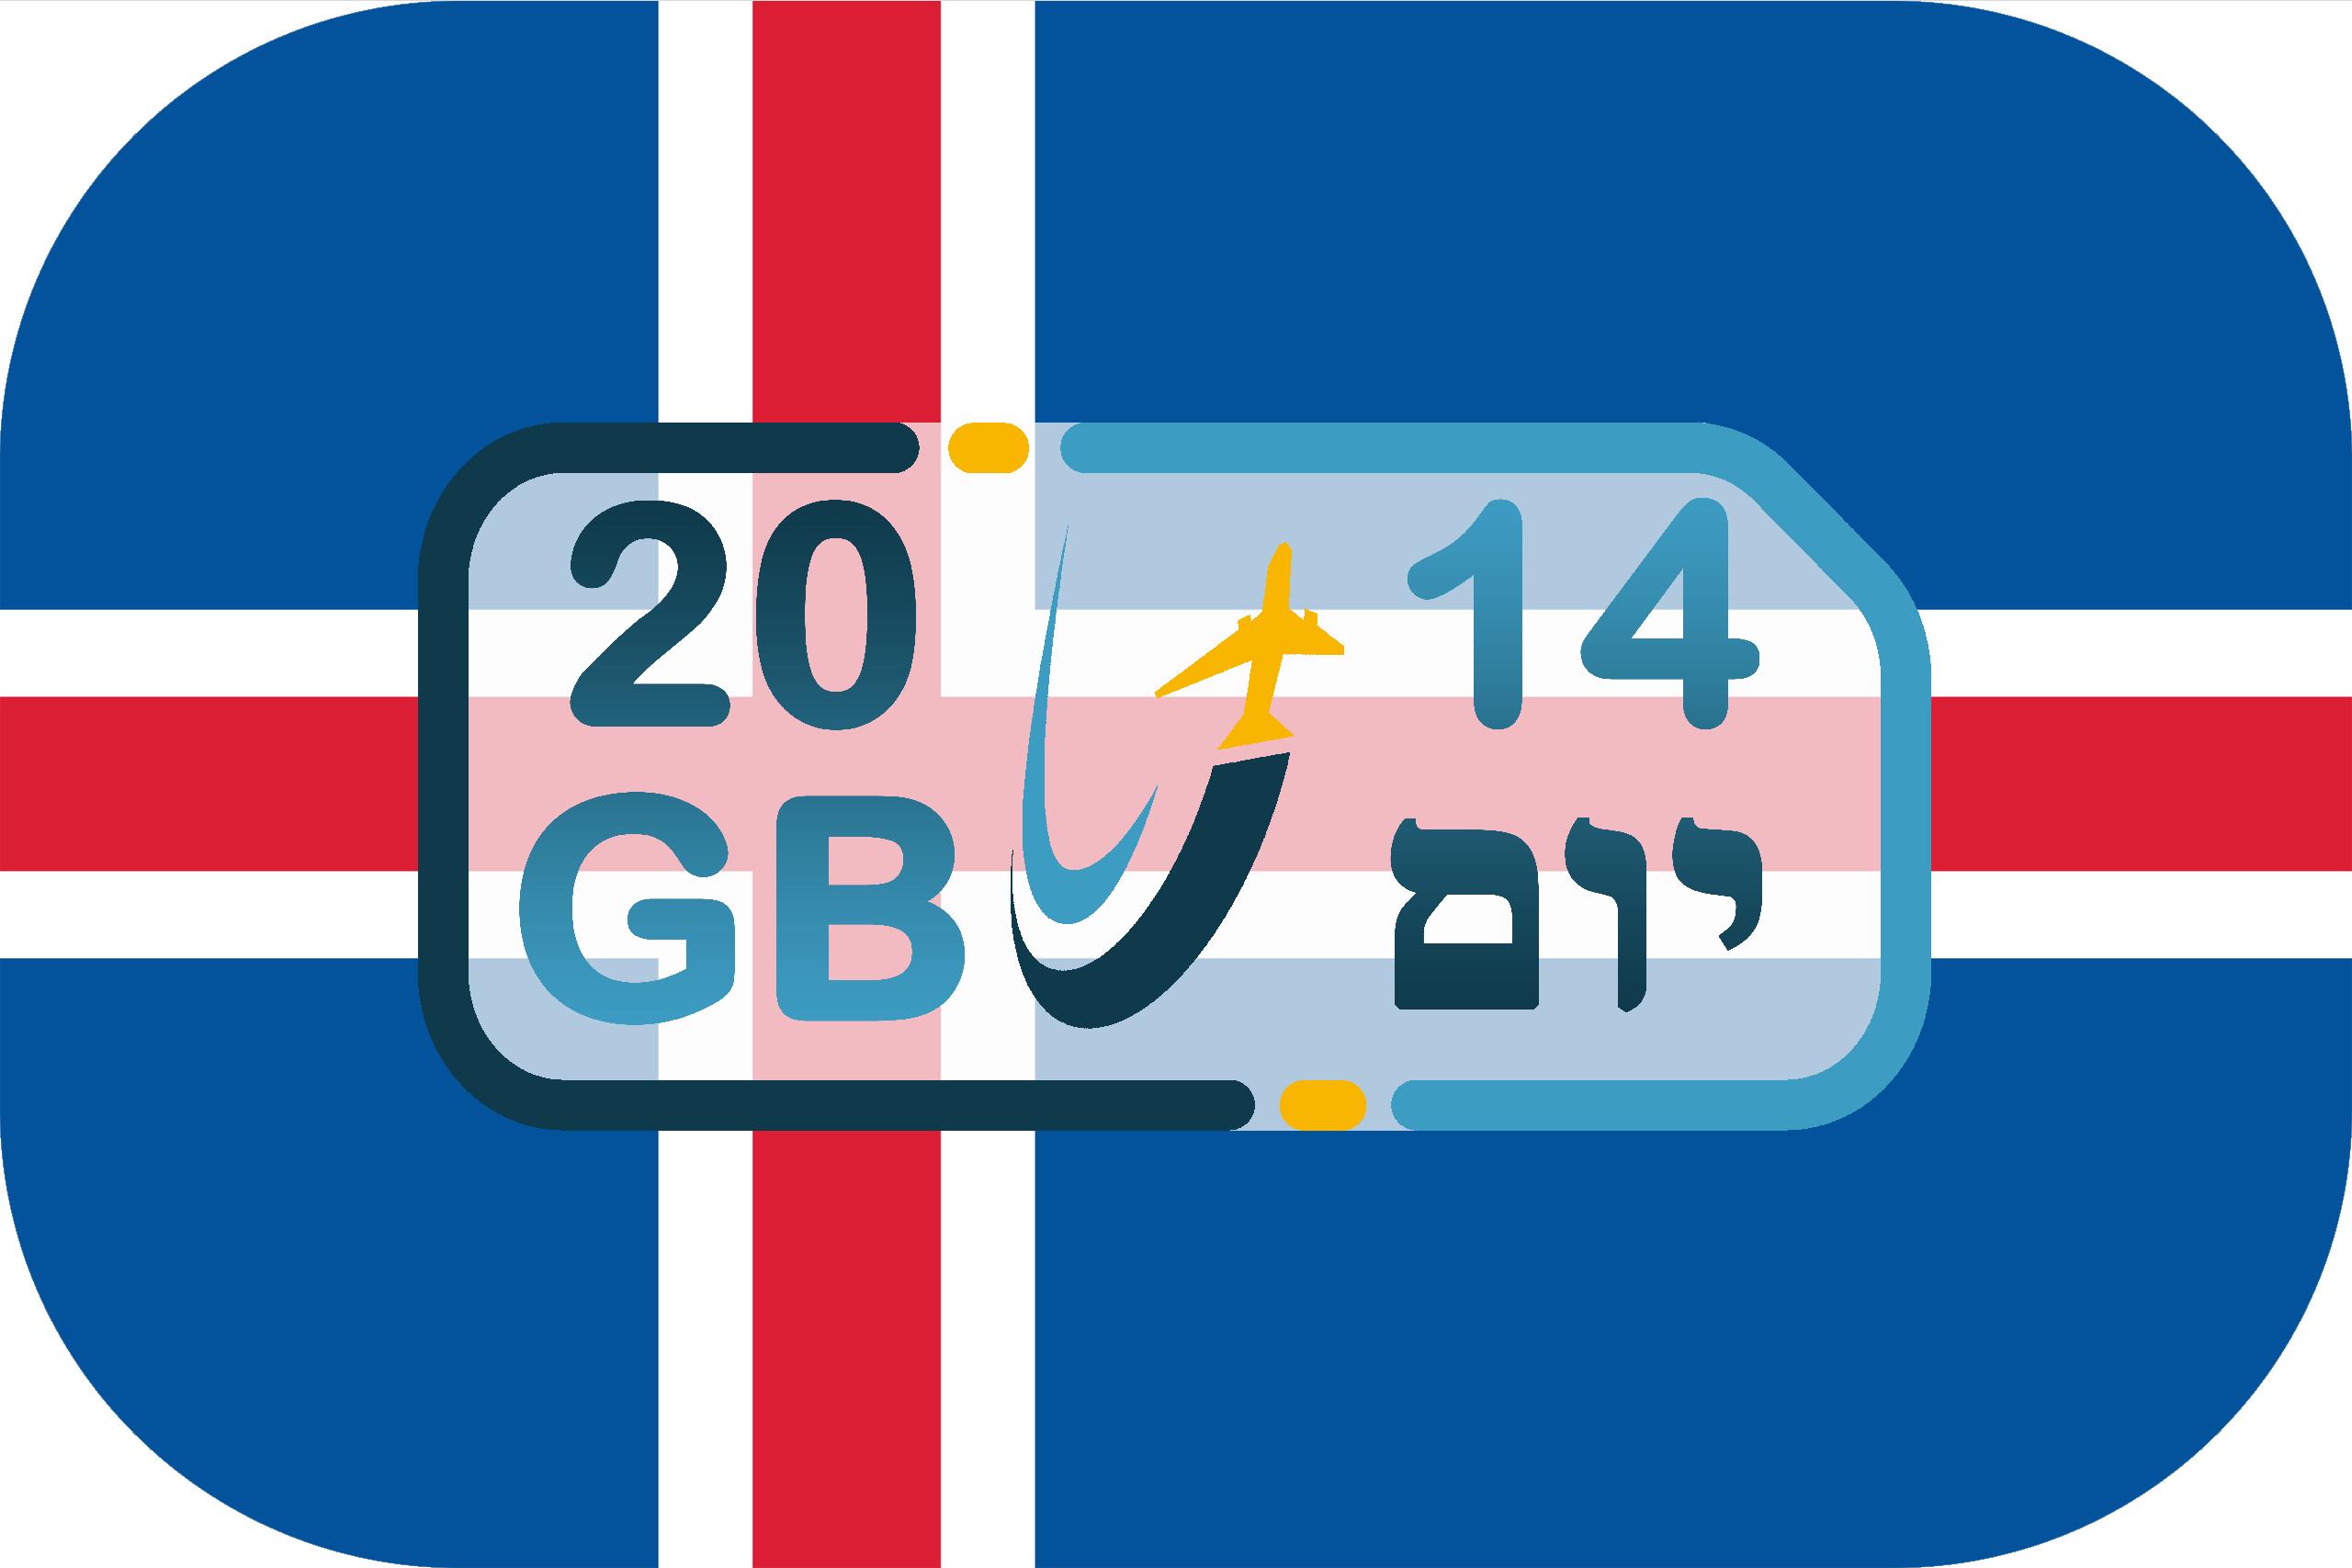 כרטיס סים באיסלנד – חבילת 20GB (בתוקף ל- 14 יום)